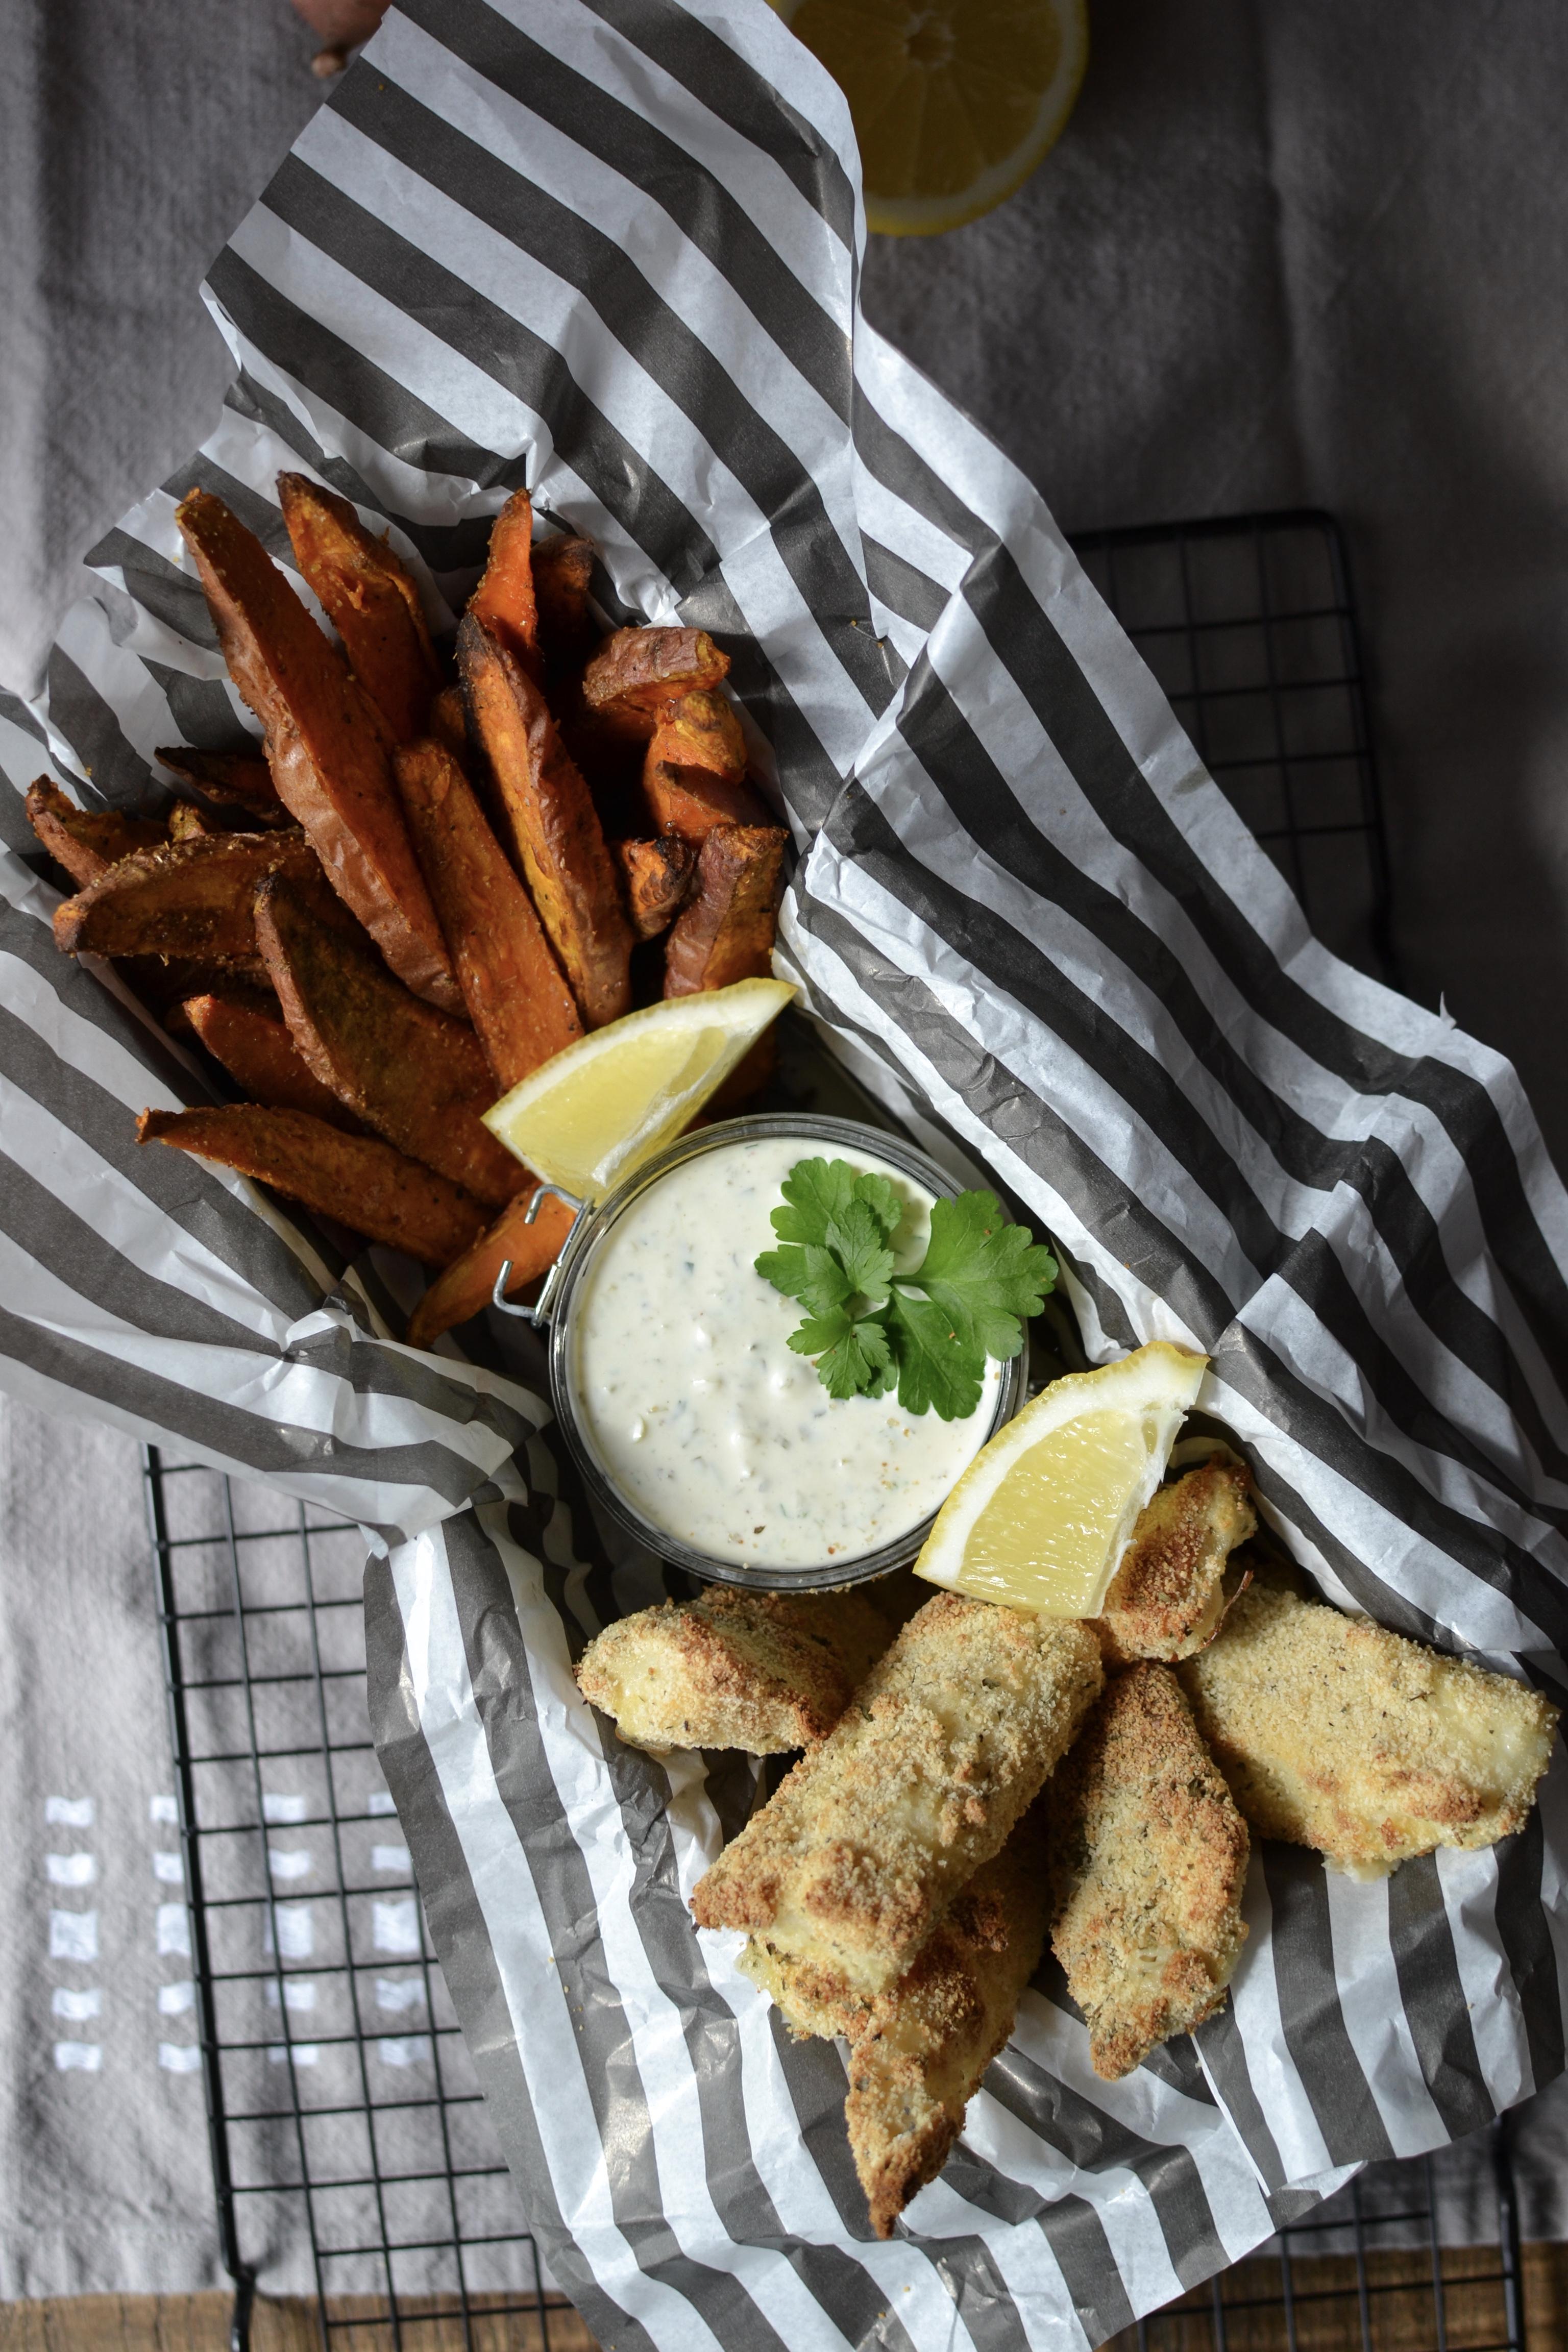 Fishstick et frites de patates douces, to share